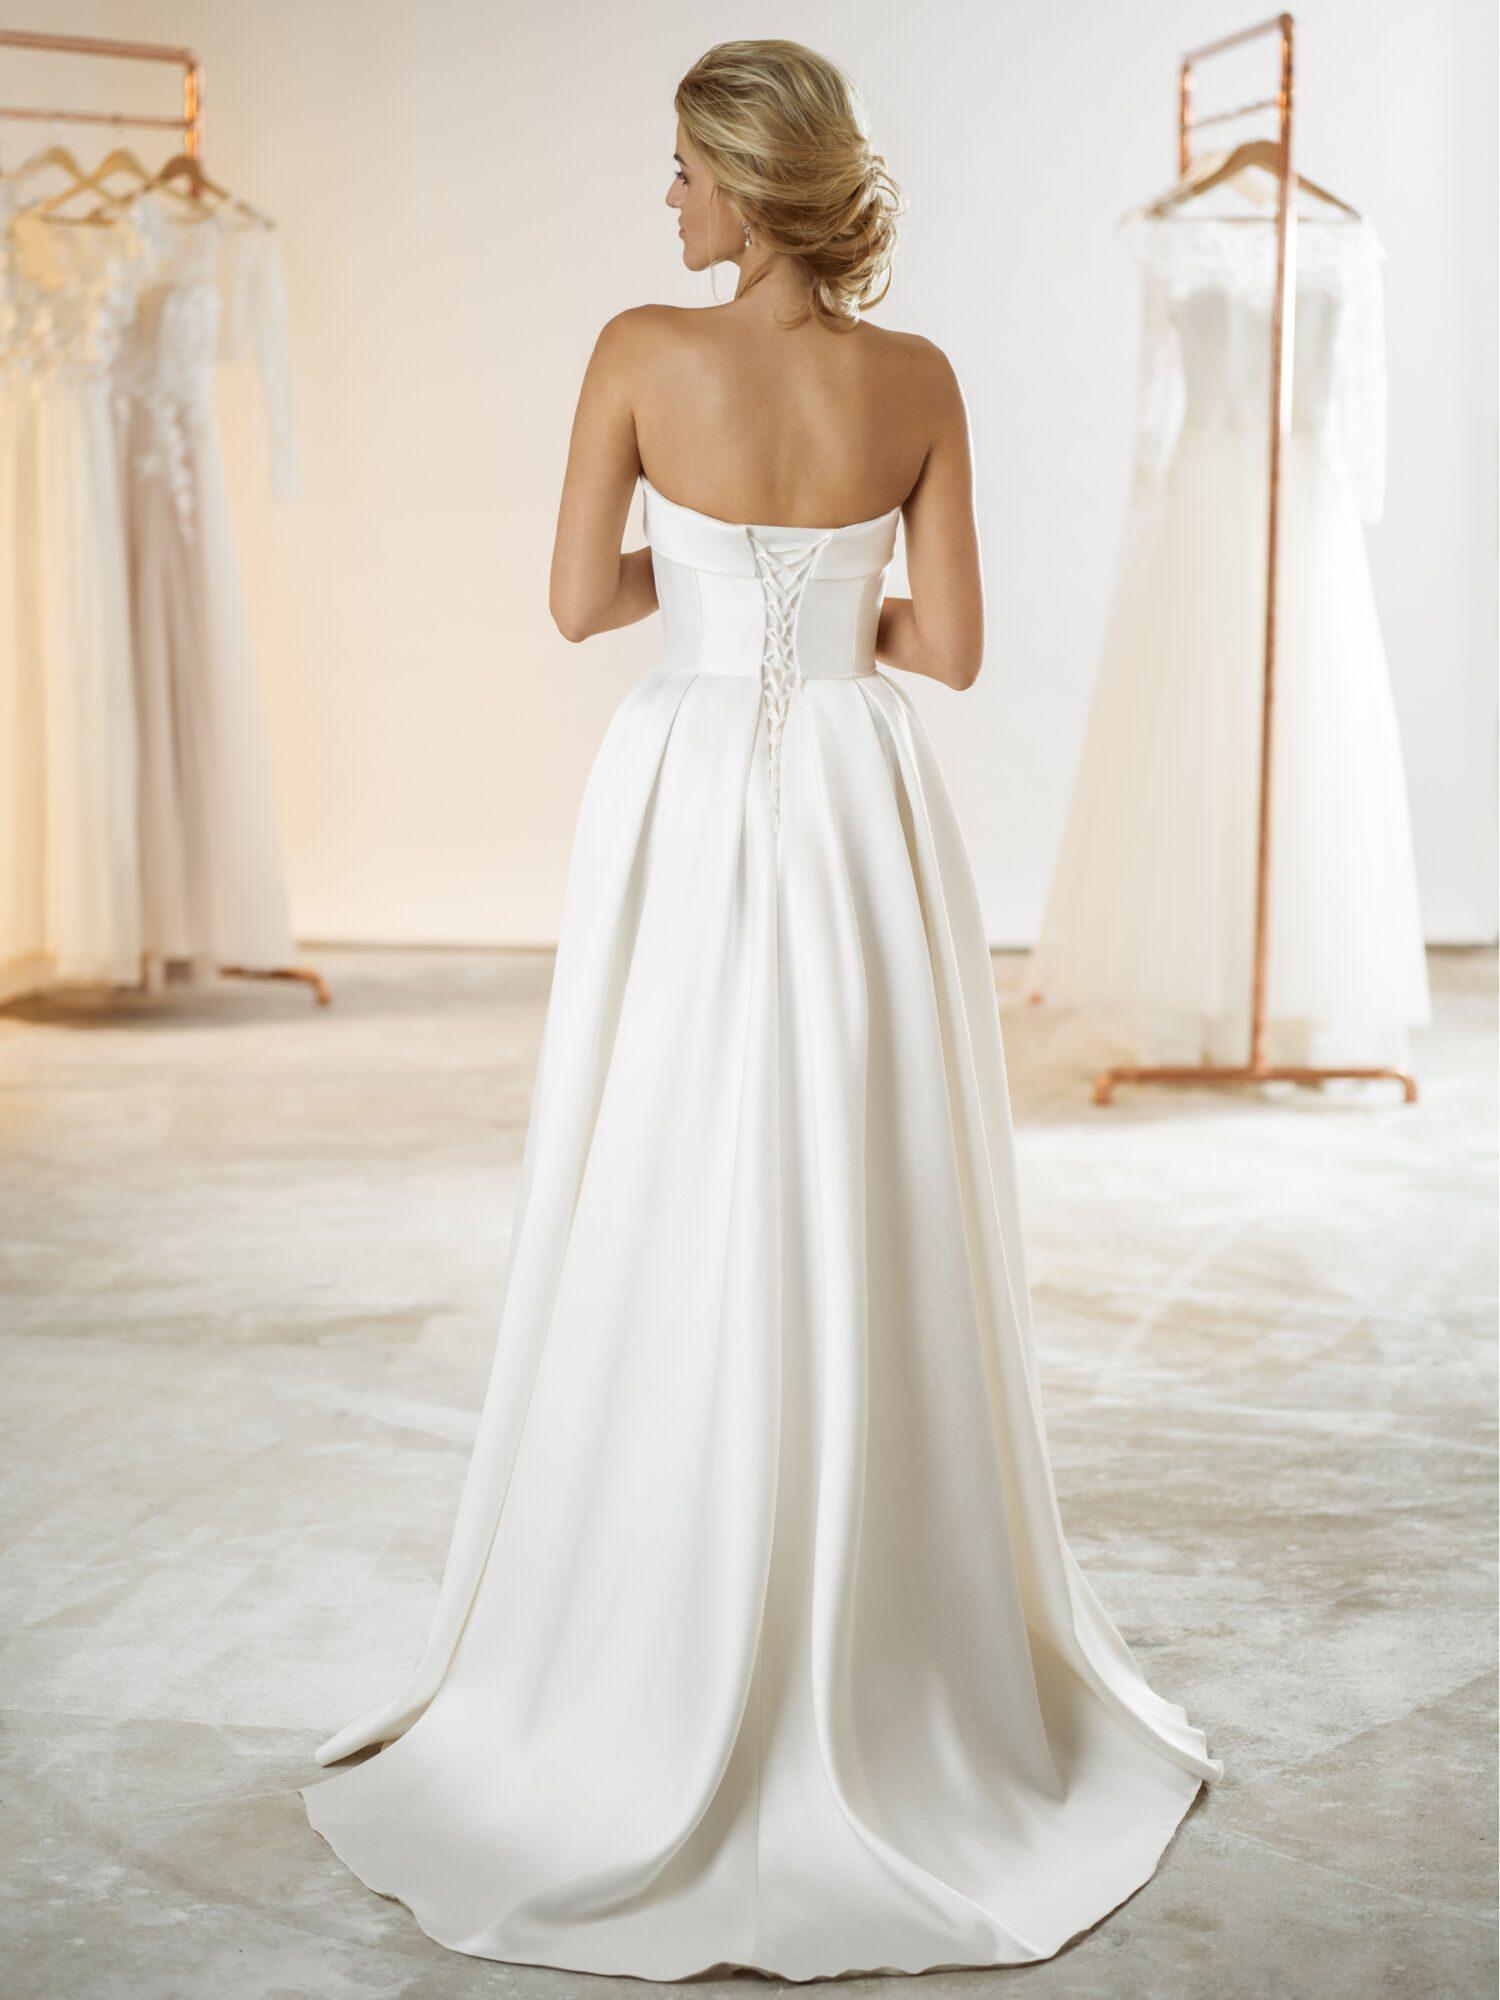 Hladké saténové svatební šaty